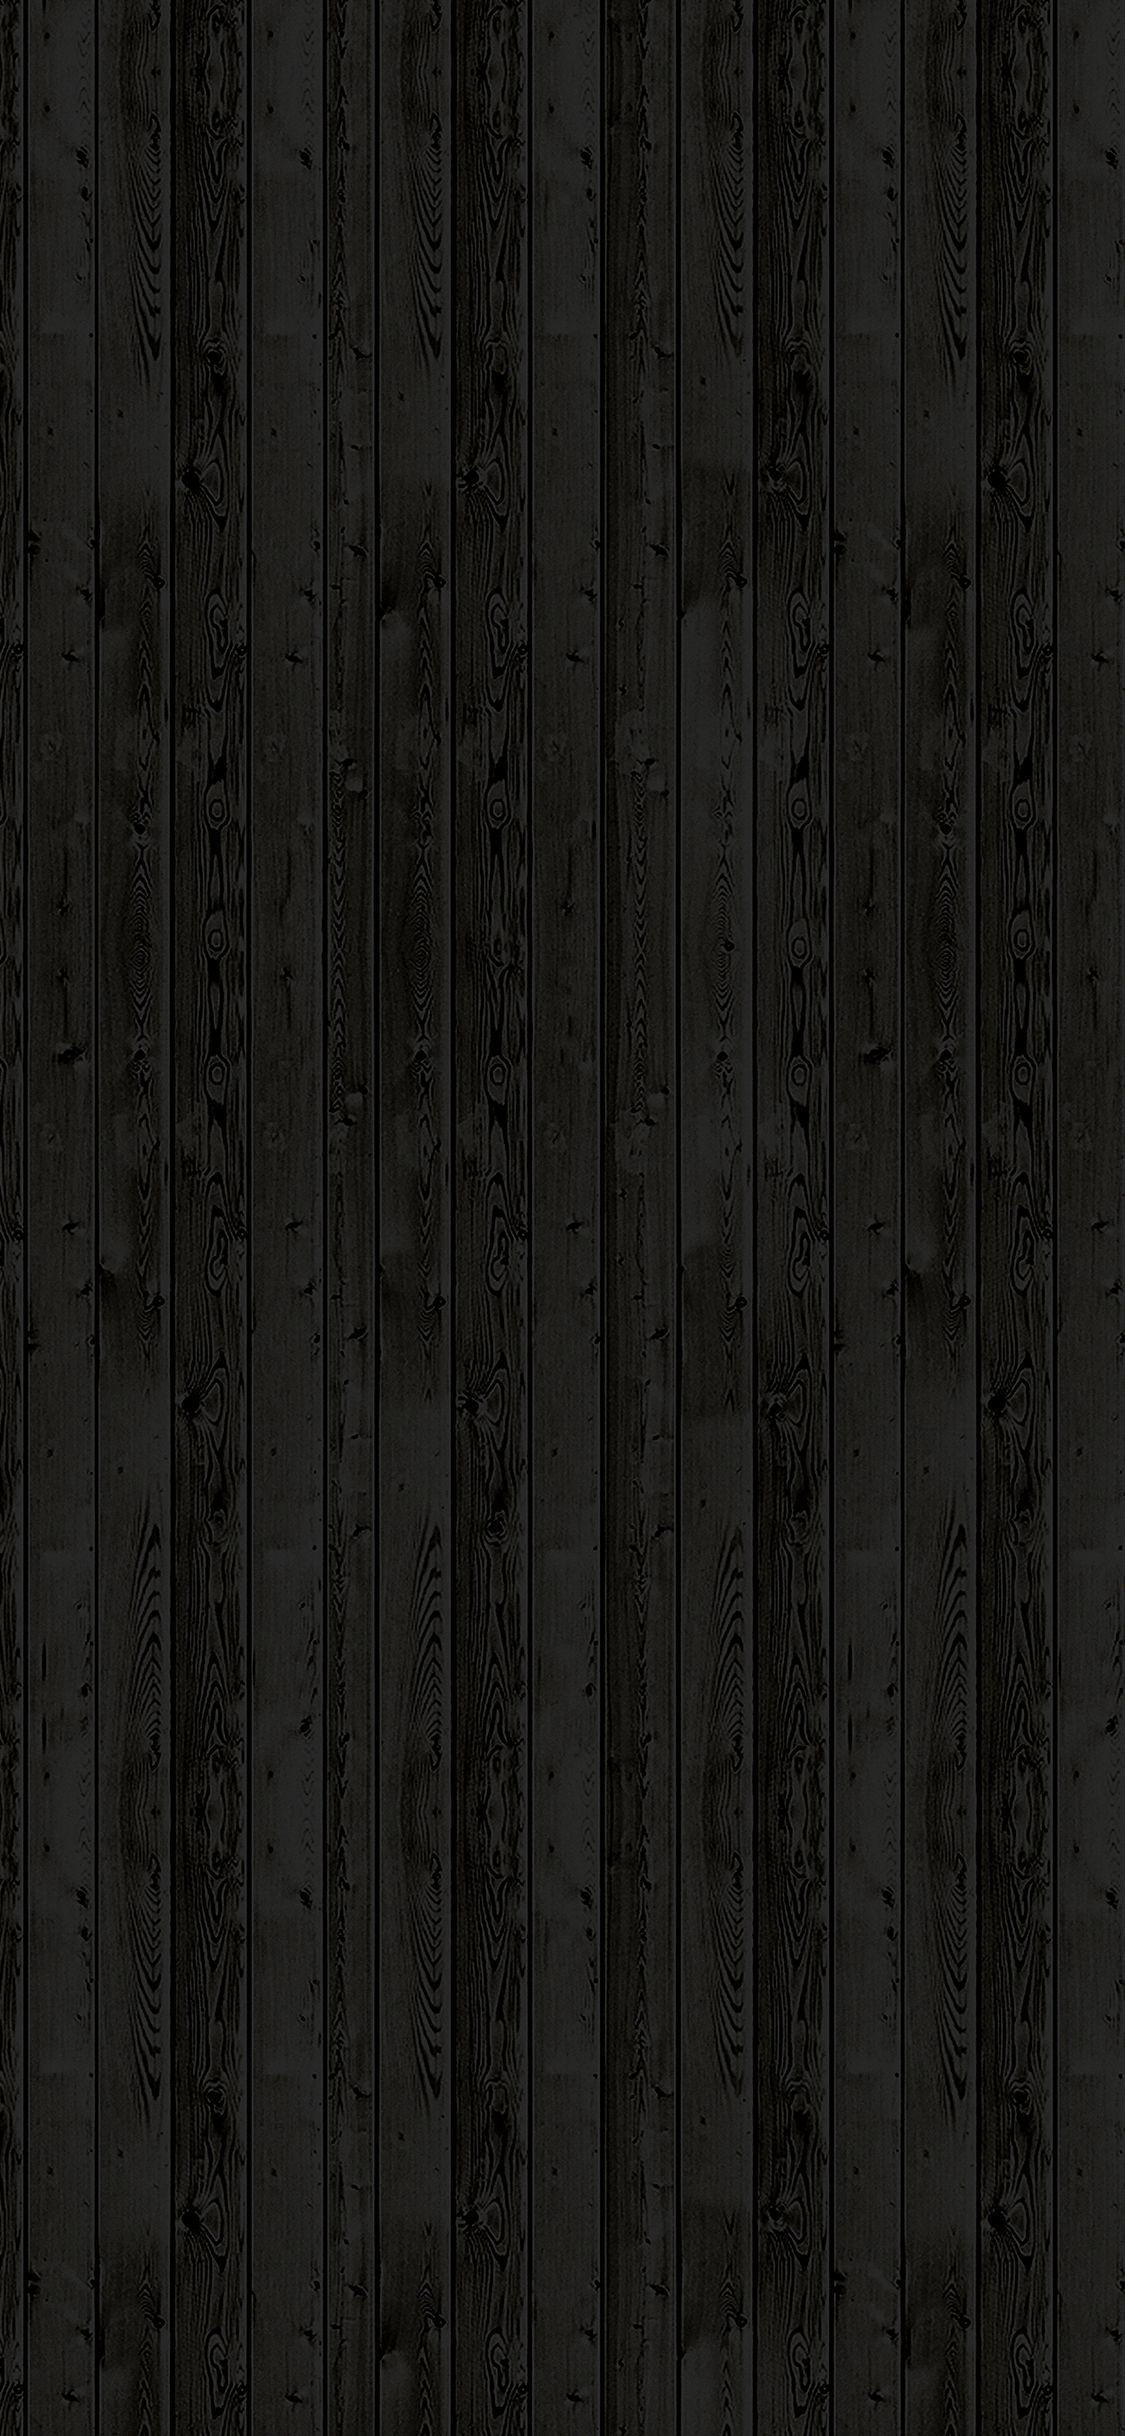 Wooden Floor Black Pattern Dark Iphone X Wallpaper Download Iphone